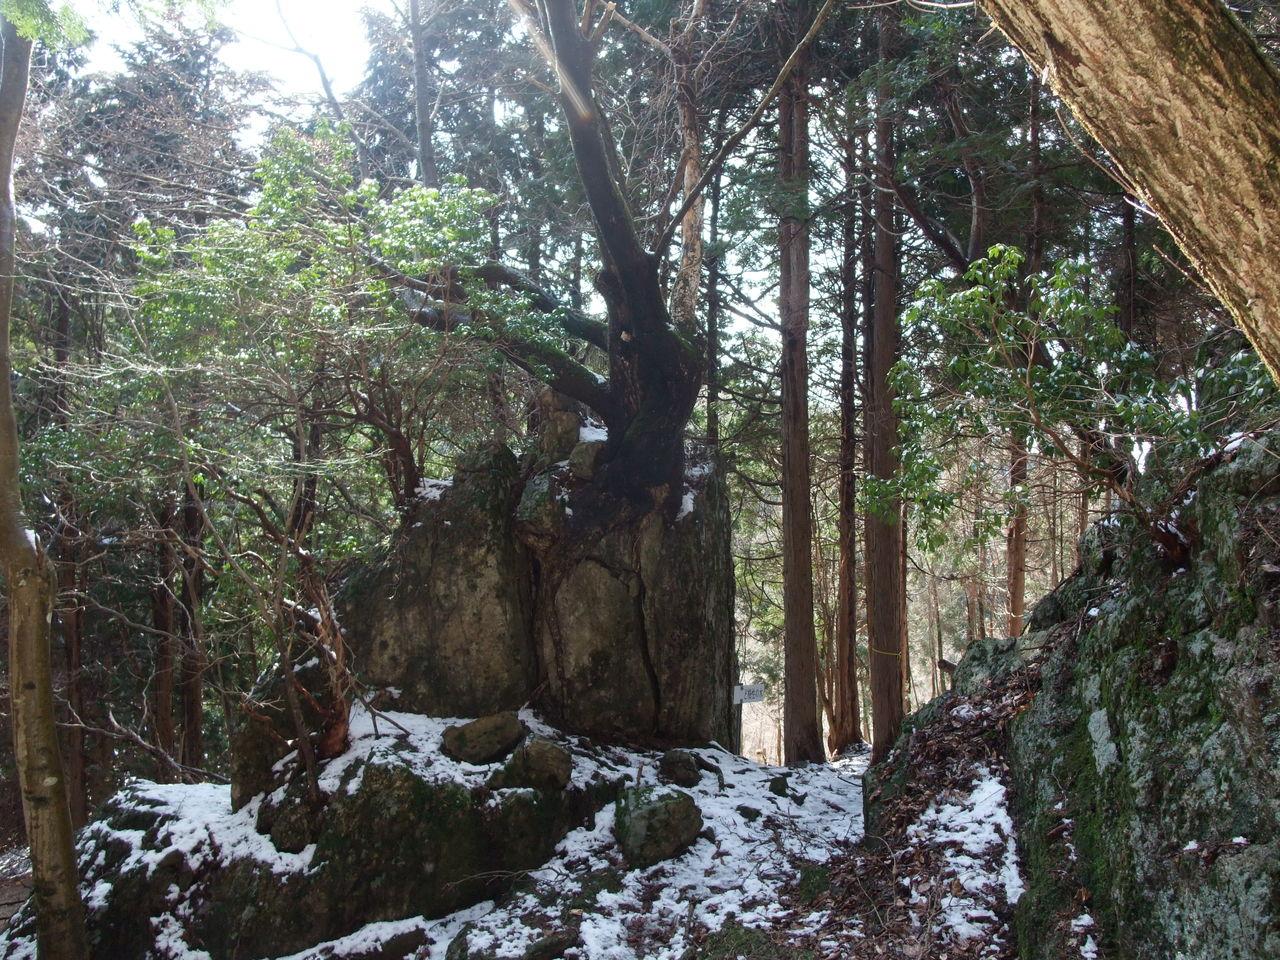 三辻山 縦走路 ど根性の木 黒滝